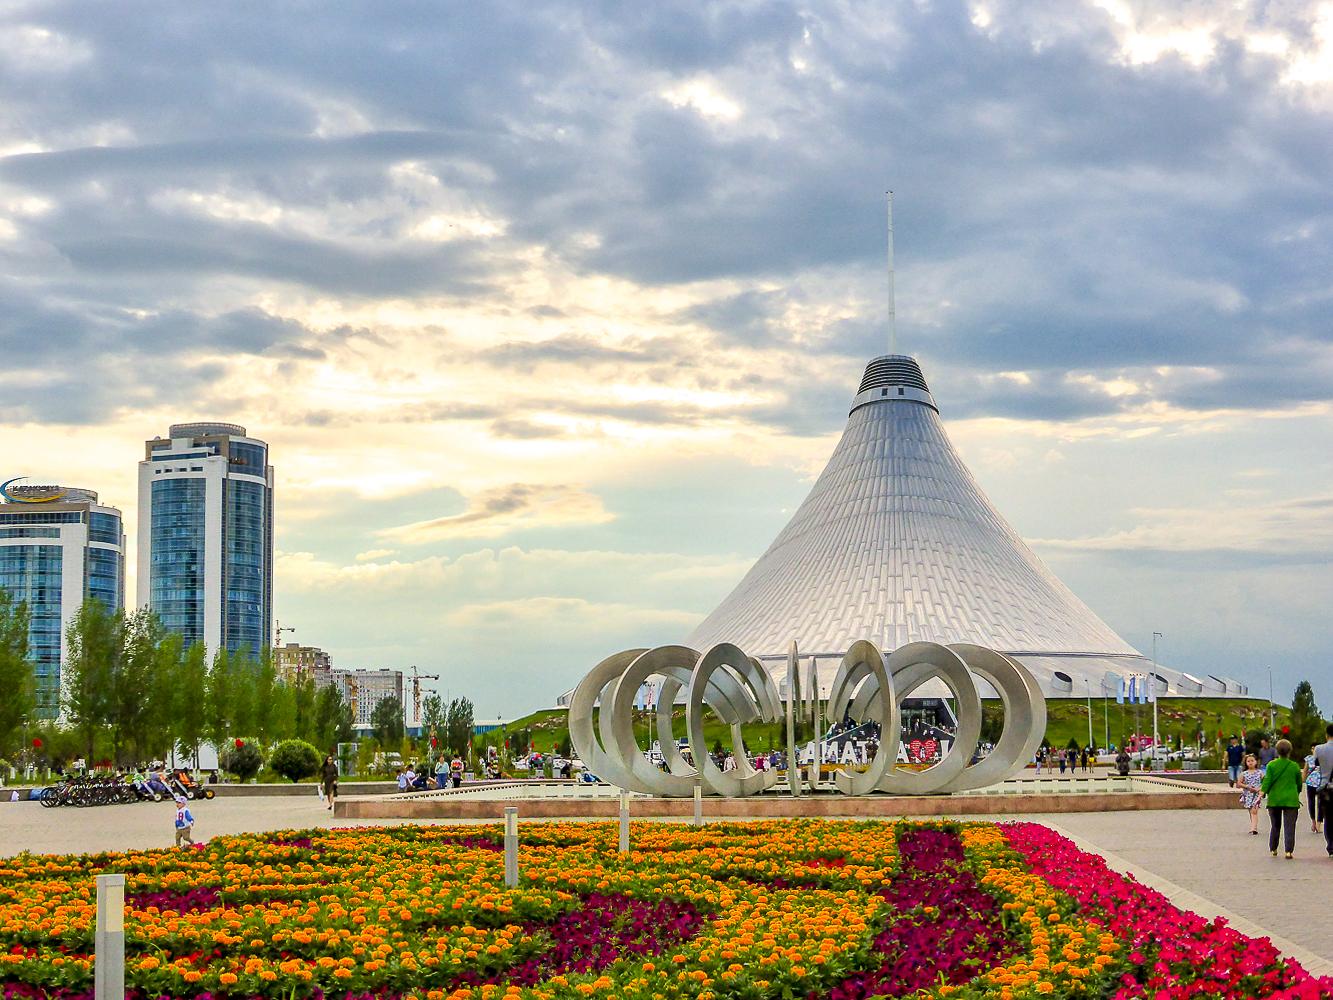 Nur-Sultan, Kazakhstan's capital city.